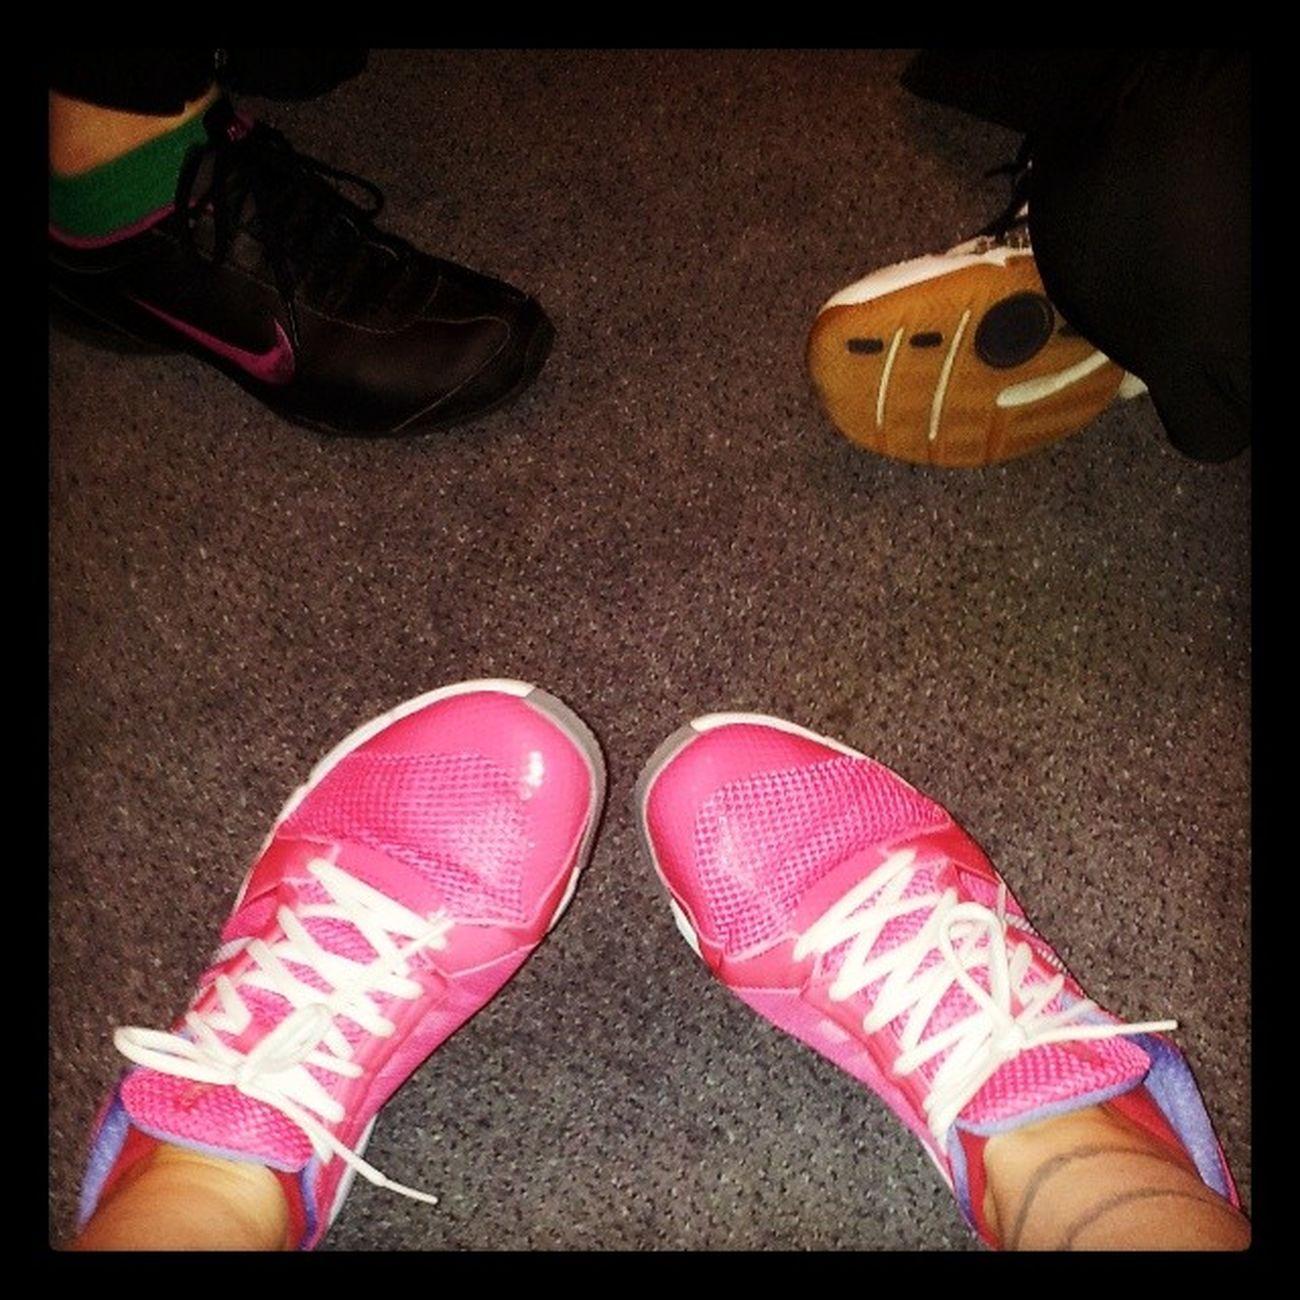 Festes Schuhwerk beim Sport Sportschuhe pink Spaß